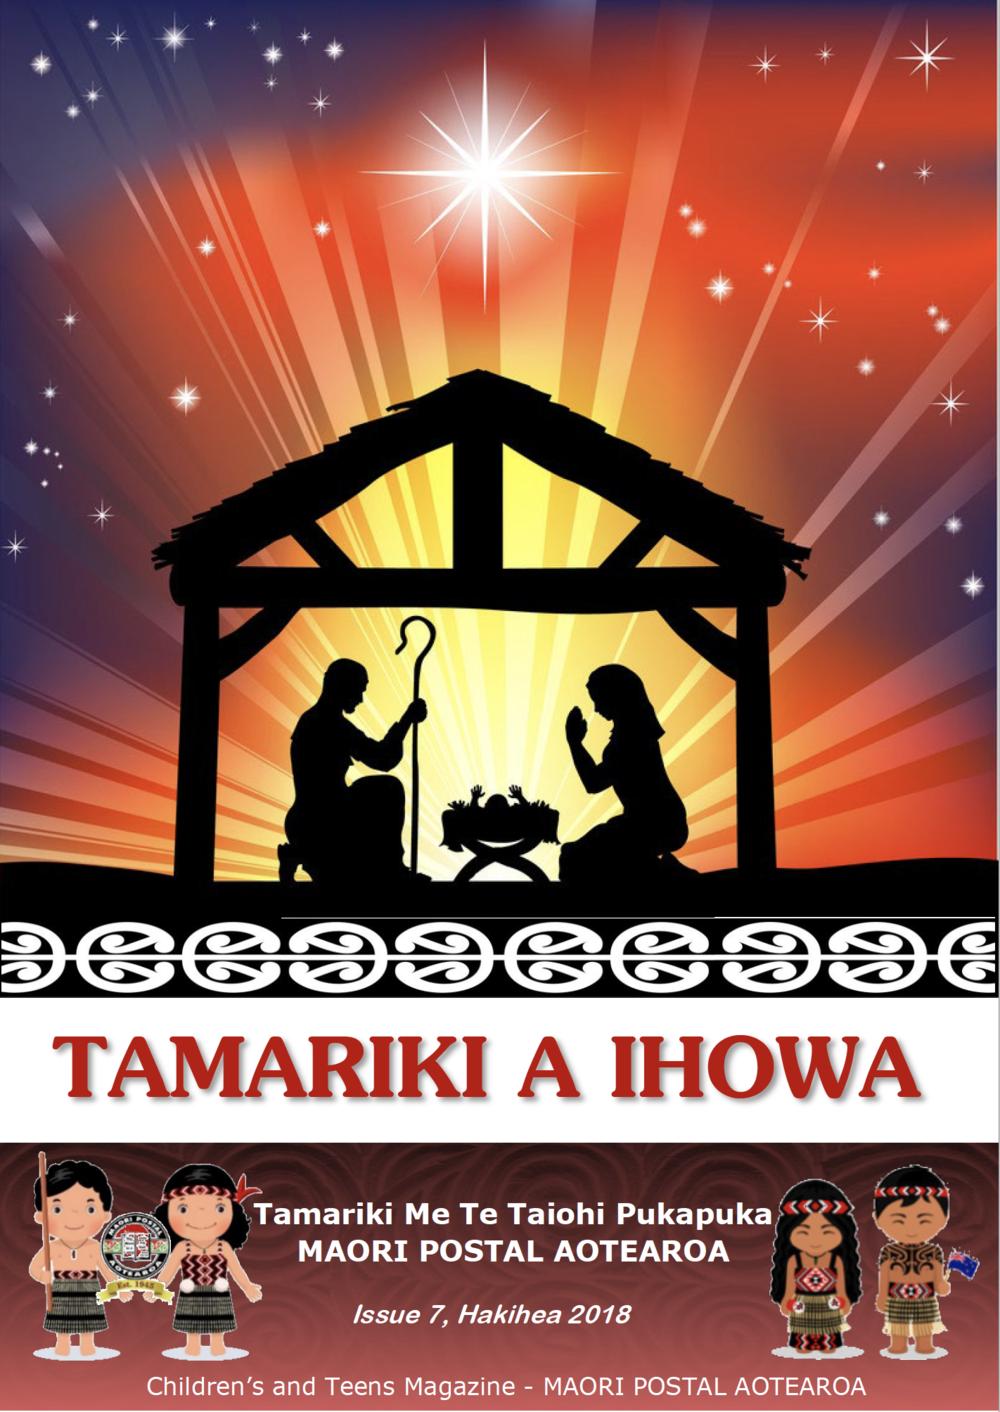 Tamariki A Ihowa Issue Issue 7 Dec 2019